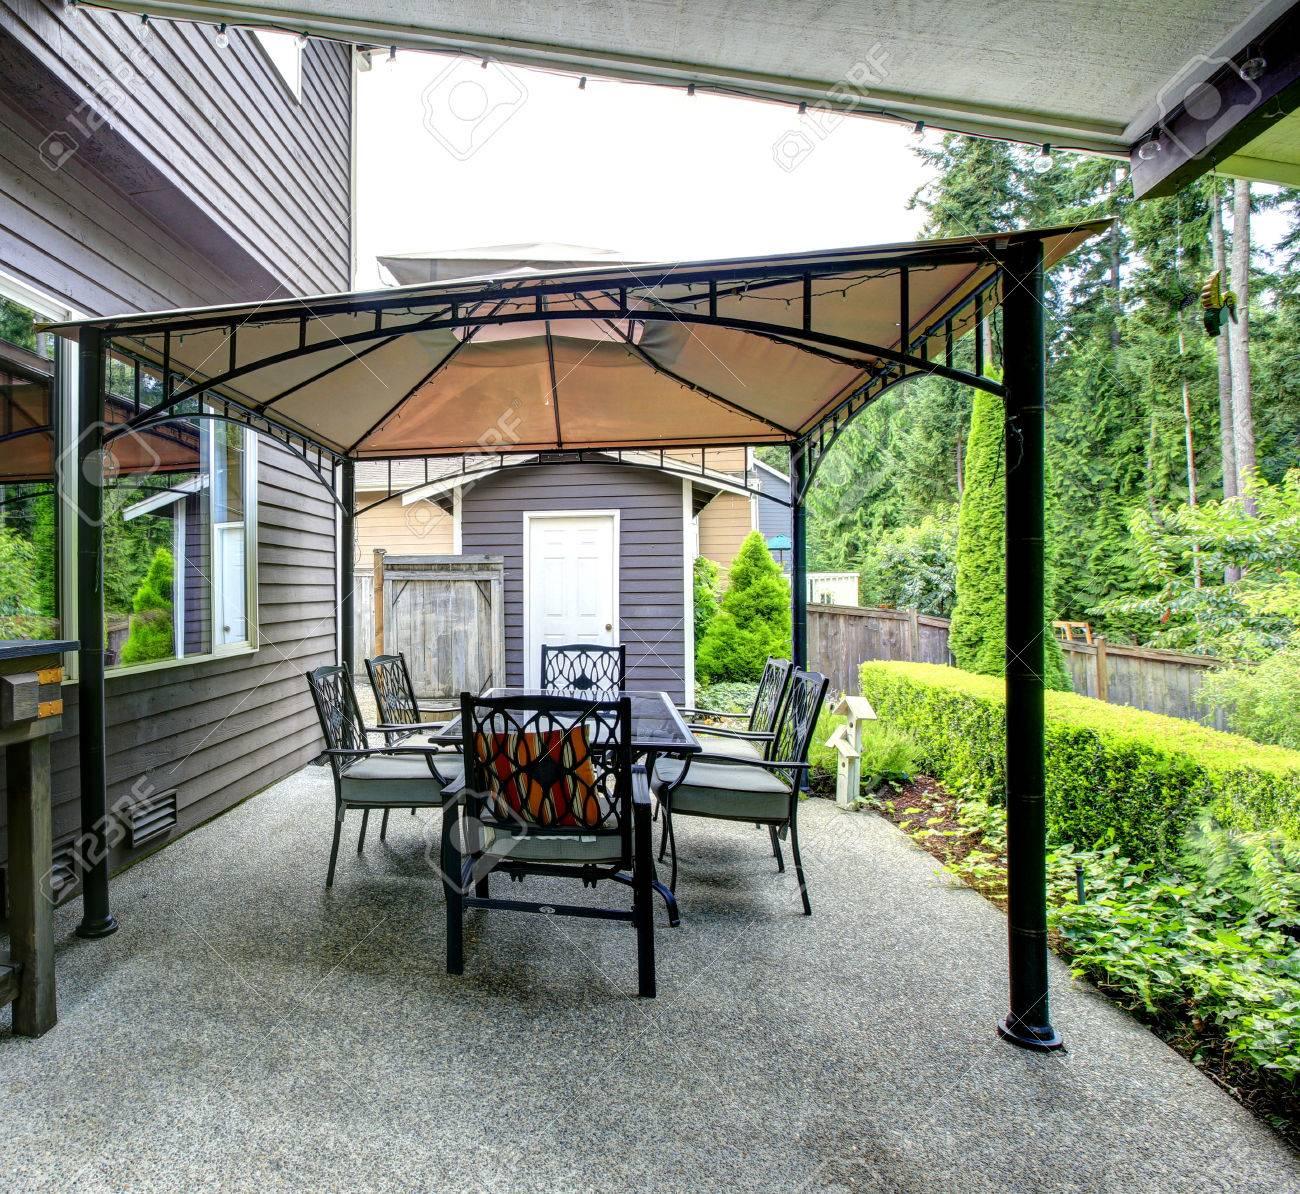 Mit Pavillon, Terrasse Und Holzgehäuse Mit Flaschen Backayrd ...